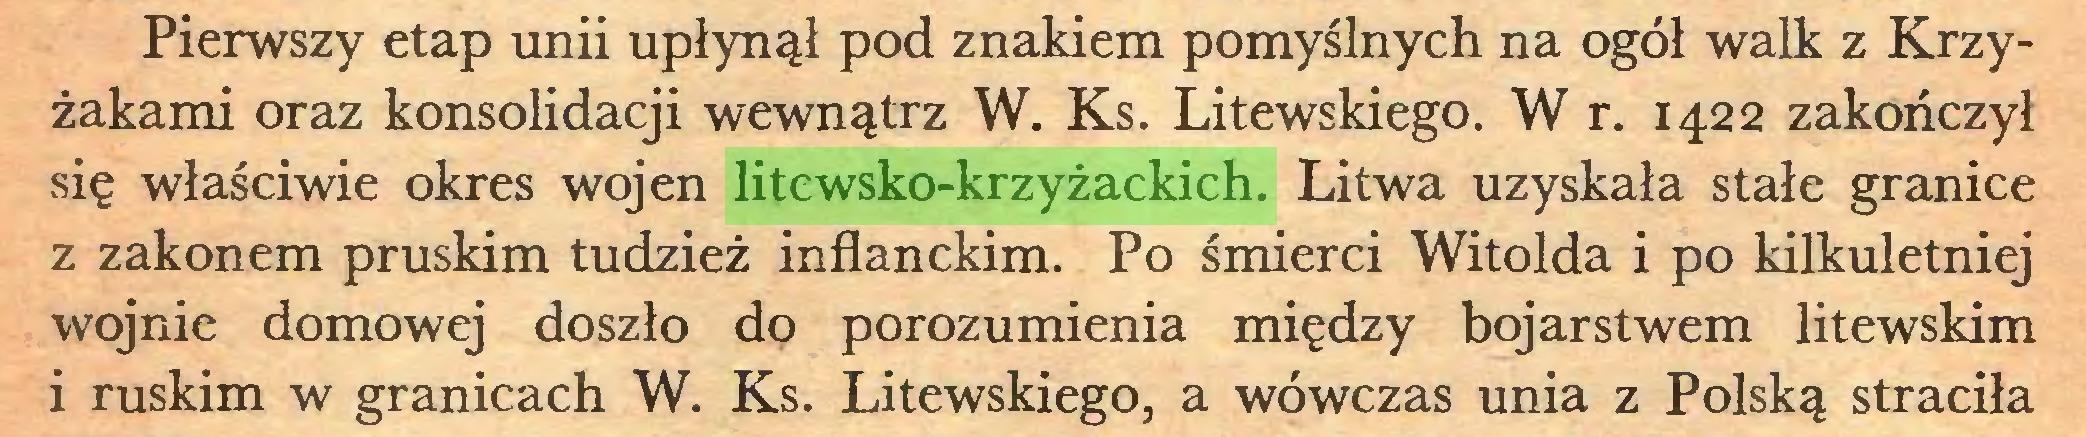 (...) Pierwszy etap unii upłynął pod znakiem pomyślnych na ogół walk z Krzyżakami oraz konsolidacji wewnątrz W. Ks. Litewskiego. W r. 1422 zakończył się właściwie okres wojen litewsko-krzyżackich. Litwa uzyskała stałe granice z zakonem pruskim tudzież inflanckim. Po śmierci Witolda i po kilkuletniej wojnie domowej doszło do porozumienia między bojarstwem litewskim i ruskim w granicach W. Ks. Litewskiego, a wówczas unia z Polską straciła...